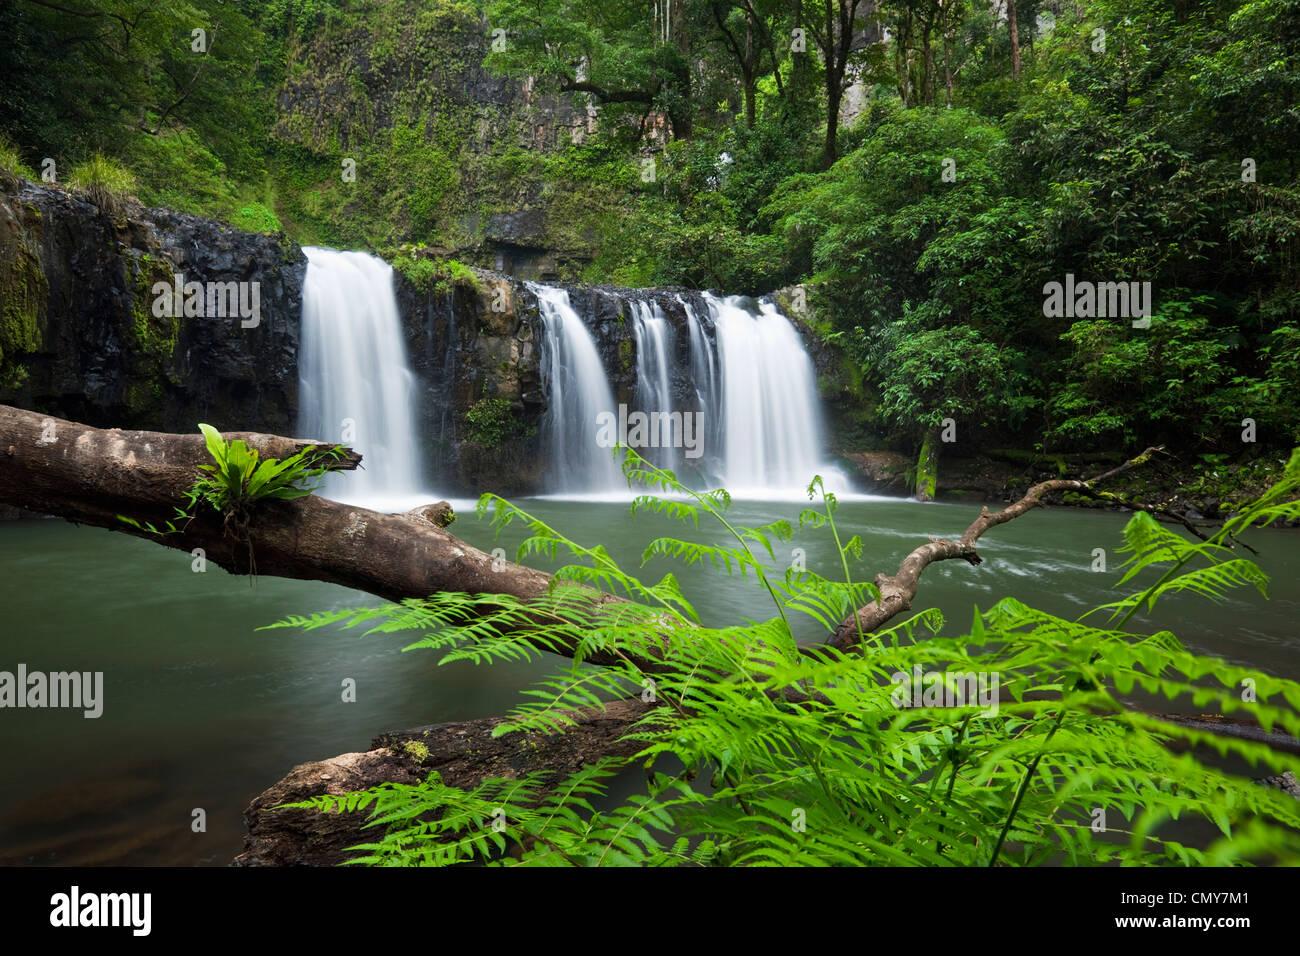 Nandroya Falls in Wooroonooran National Park, Innisfail, Queensland, Australia - Stock Image